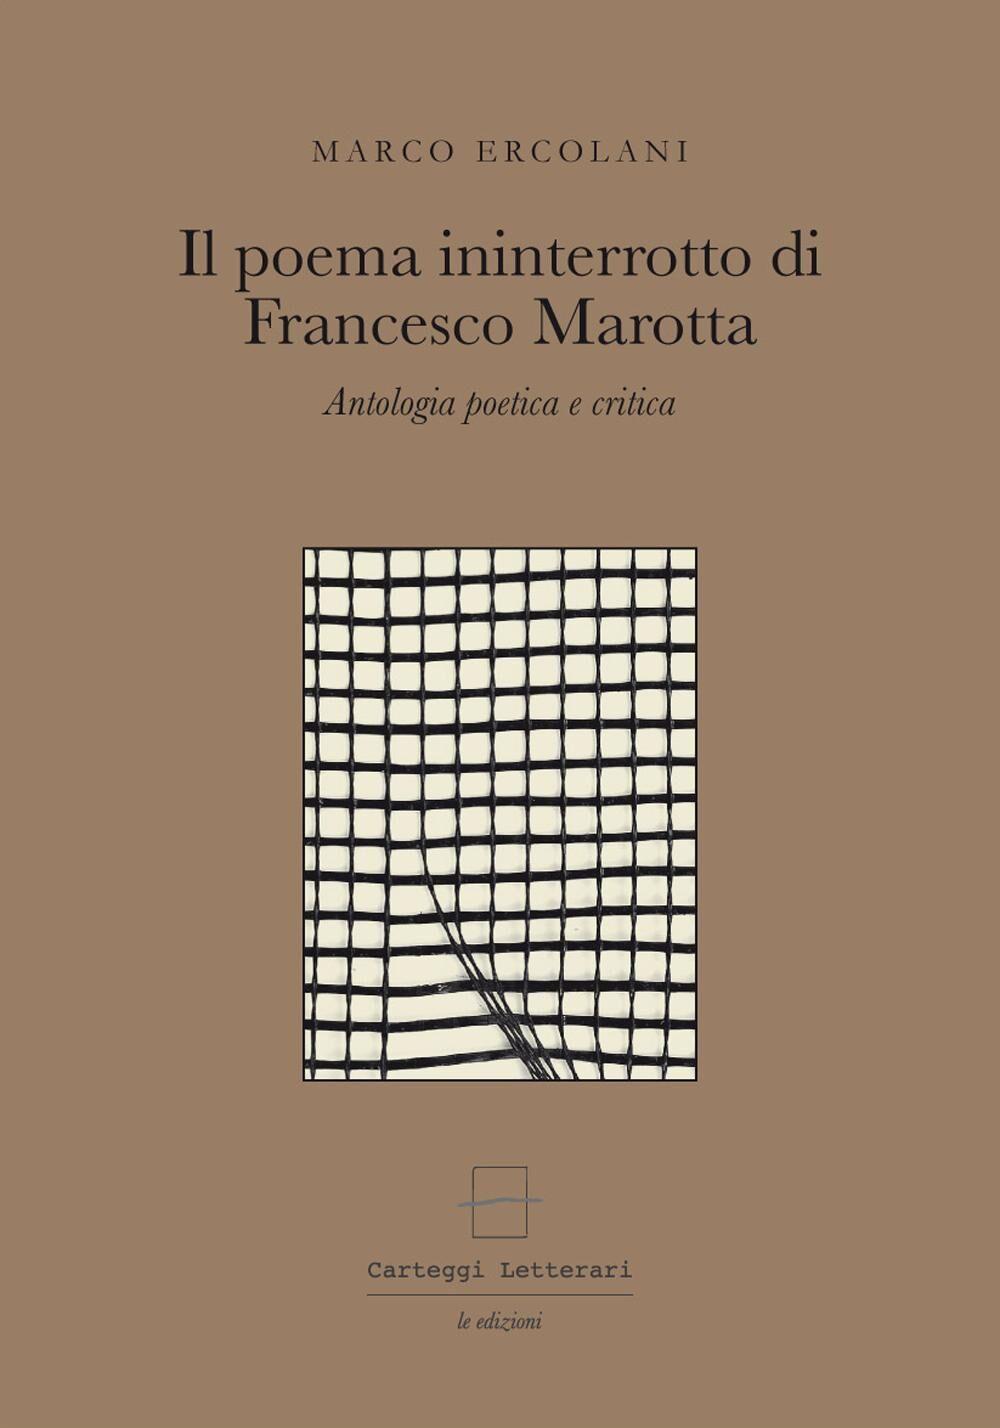 Il poema ininterrotto di Francesco Marotta. Antologia poetica e critica. Ediz. multilingue. Con gadget